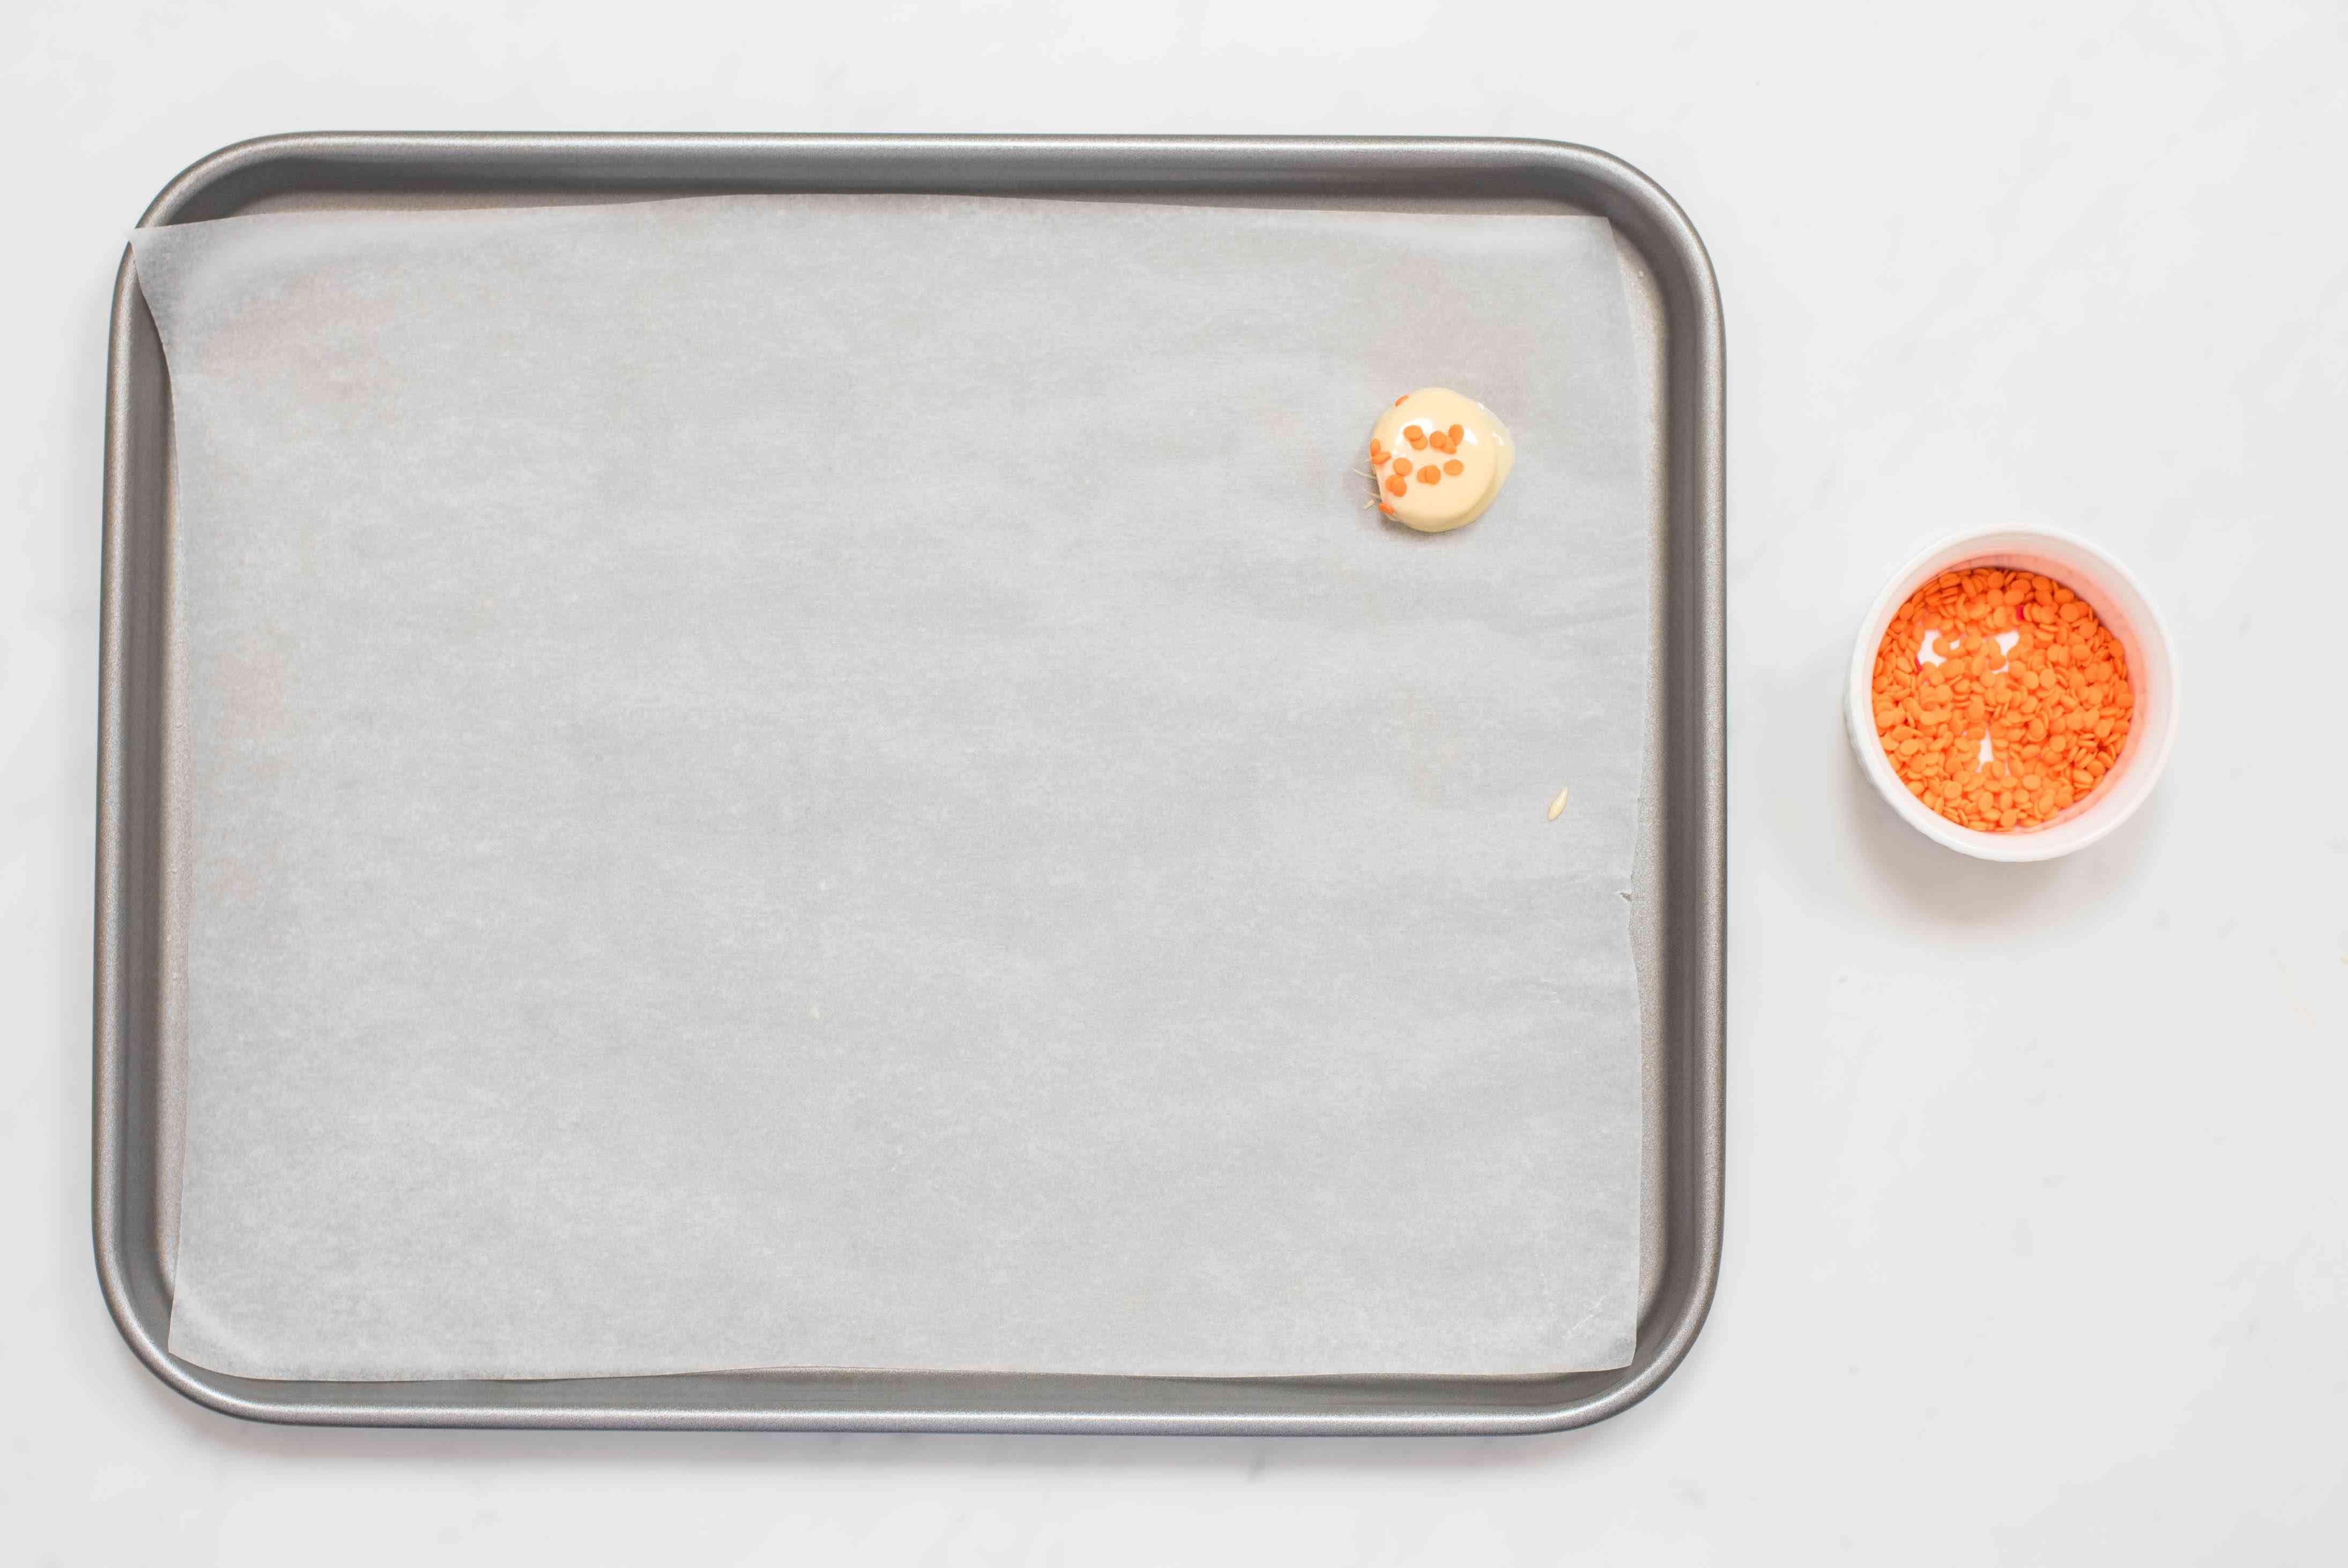 Set on tray